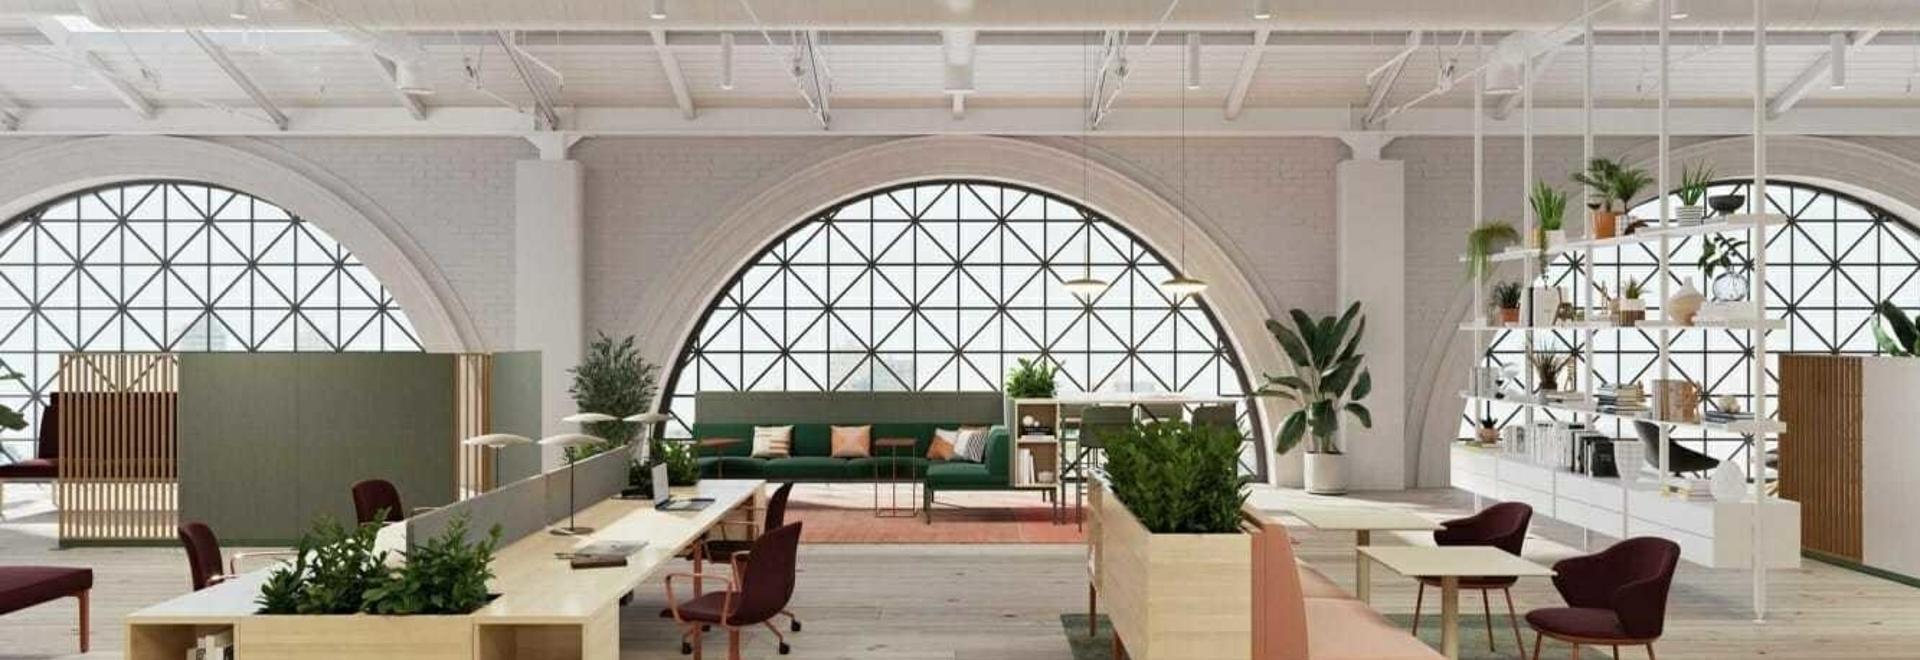 Le mobilier modulaire de Stylex répond au futur lieu de travail